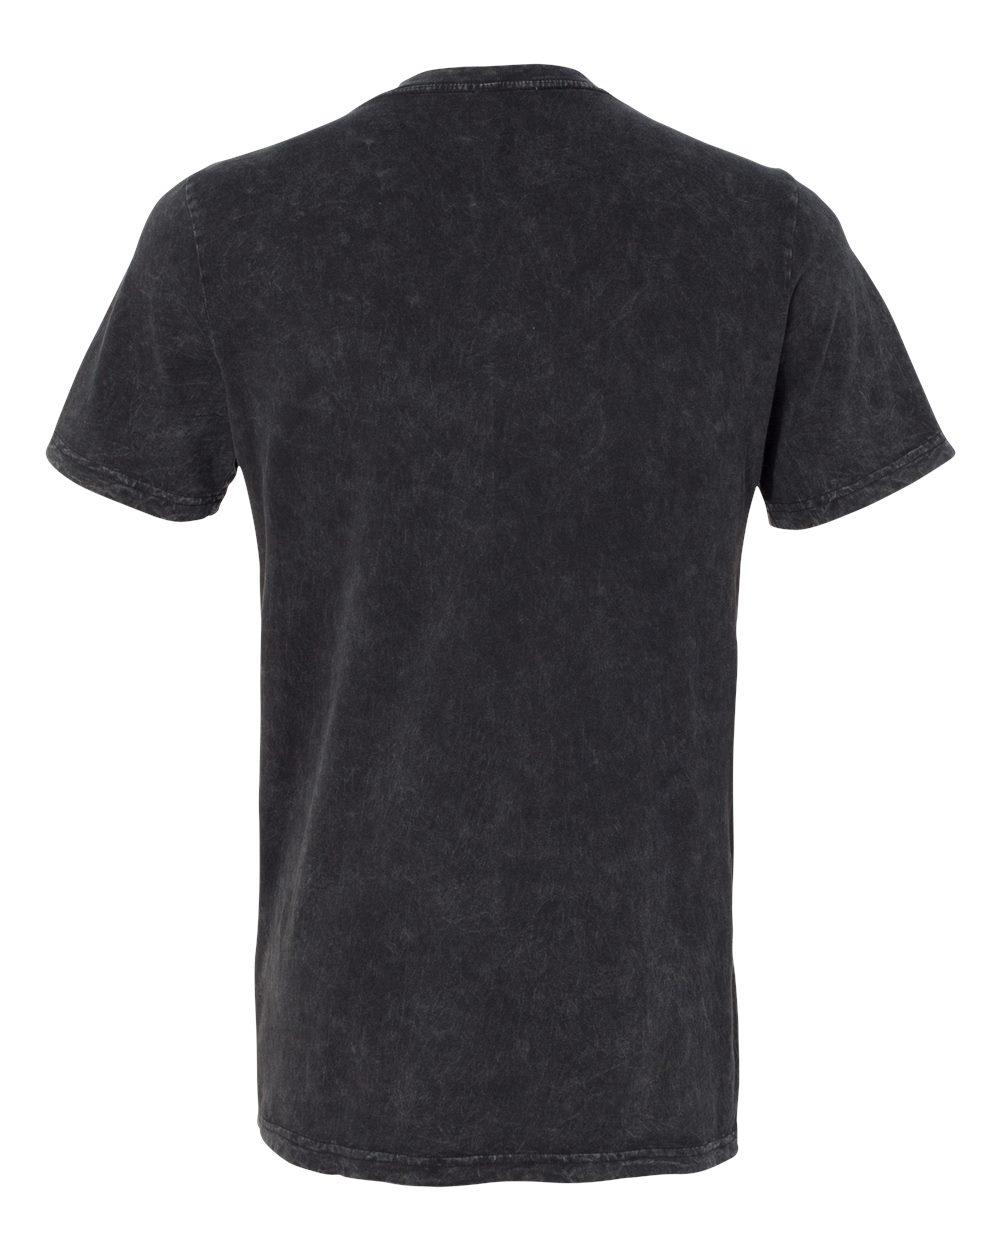 Bella-Canvas-Men-039-s-Jersey-Short-Sleeve-V-Neck-T-Shirt-3005-XS-3XL thumbnail 80